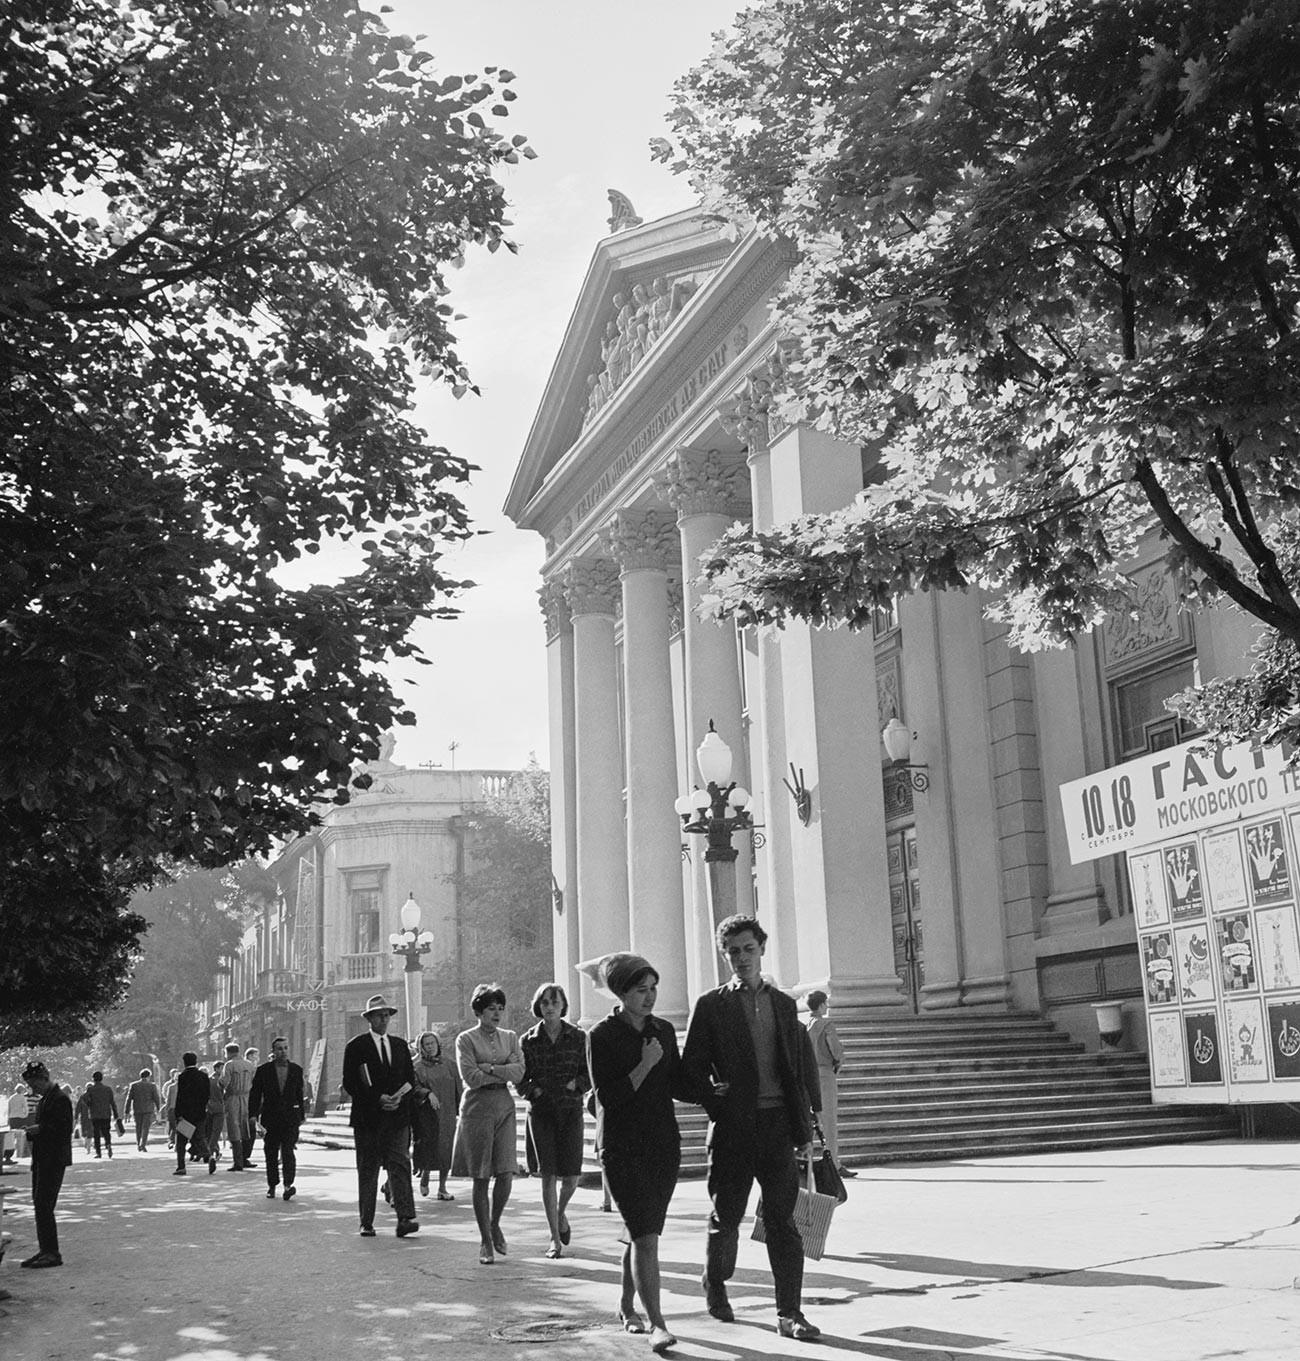 Teatro Estatal A.S. Pushkin  de Música y Drama de Moldavia, en la Avenida Lenin, Chisinau, 1960.